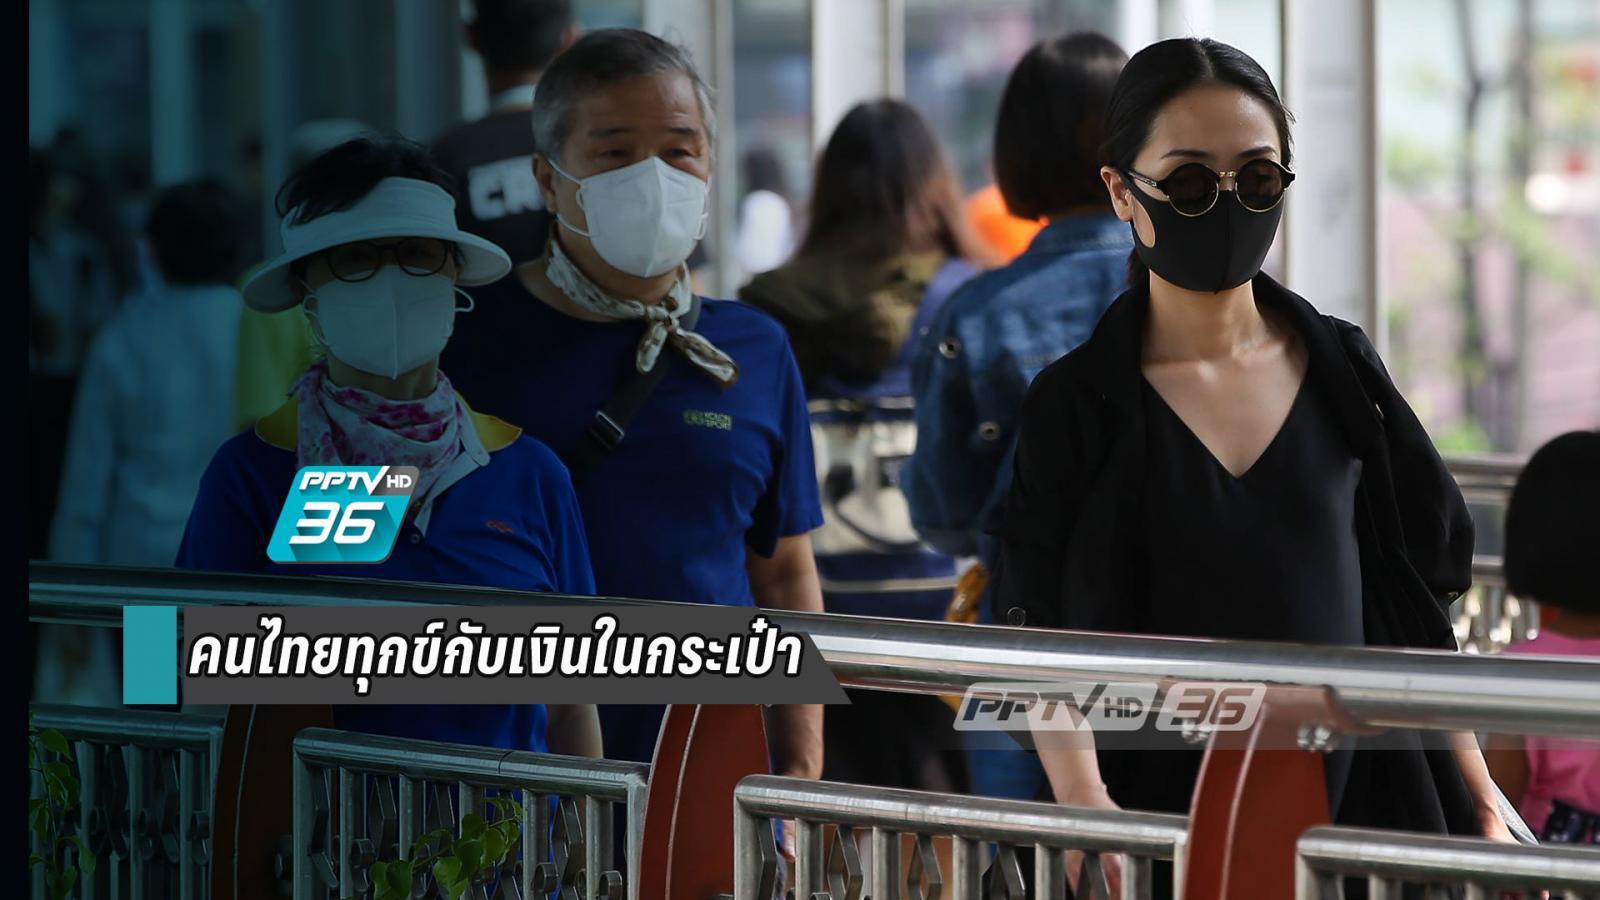 ซูเปอร์โพล ชี้ คนไทยทุกข์มากสุด กับเงินในกระเป๋า